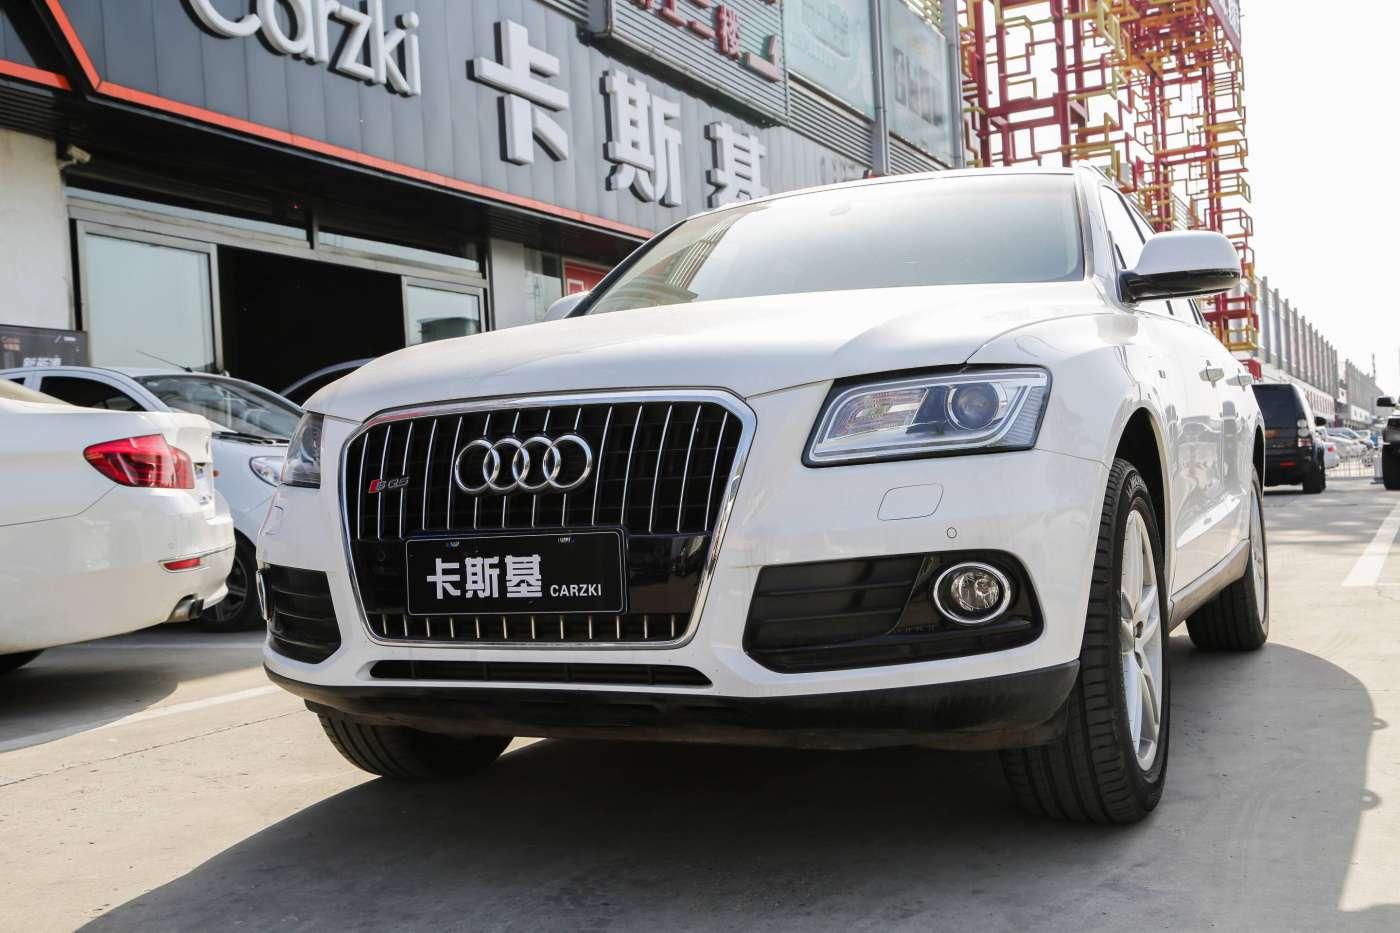 2016年02月 奥迪Q5 2015款 40 TFSI 舒适型|甄选奥迪-北京卡斯基汽车服务有限公司